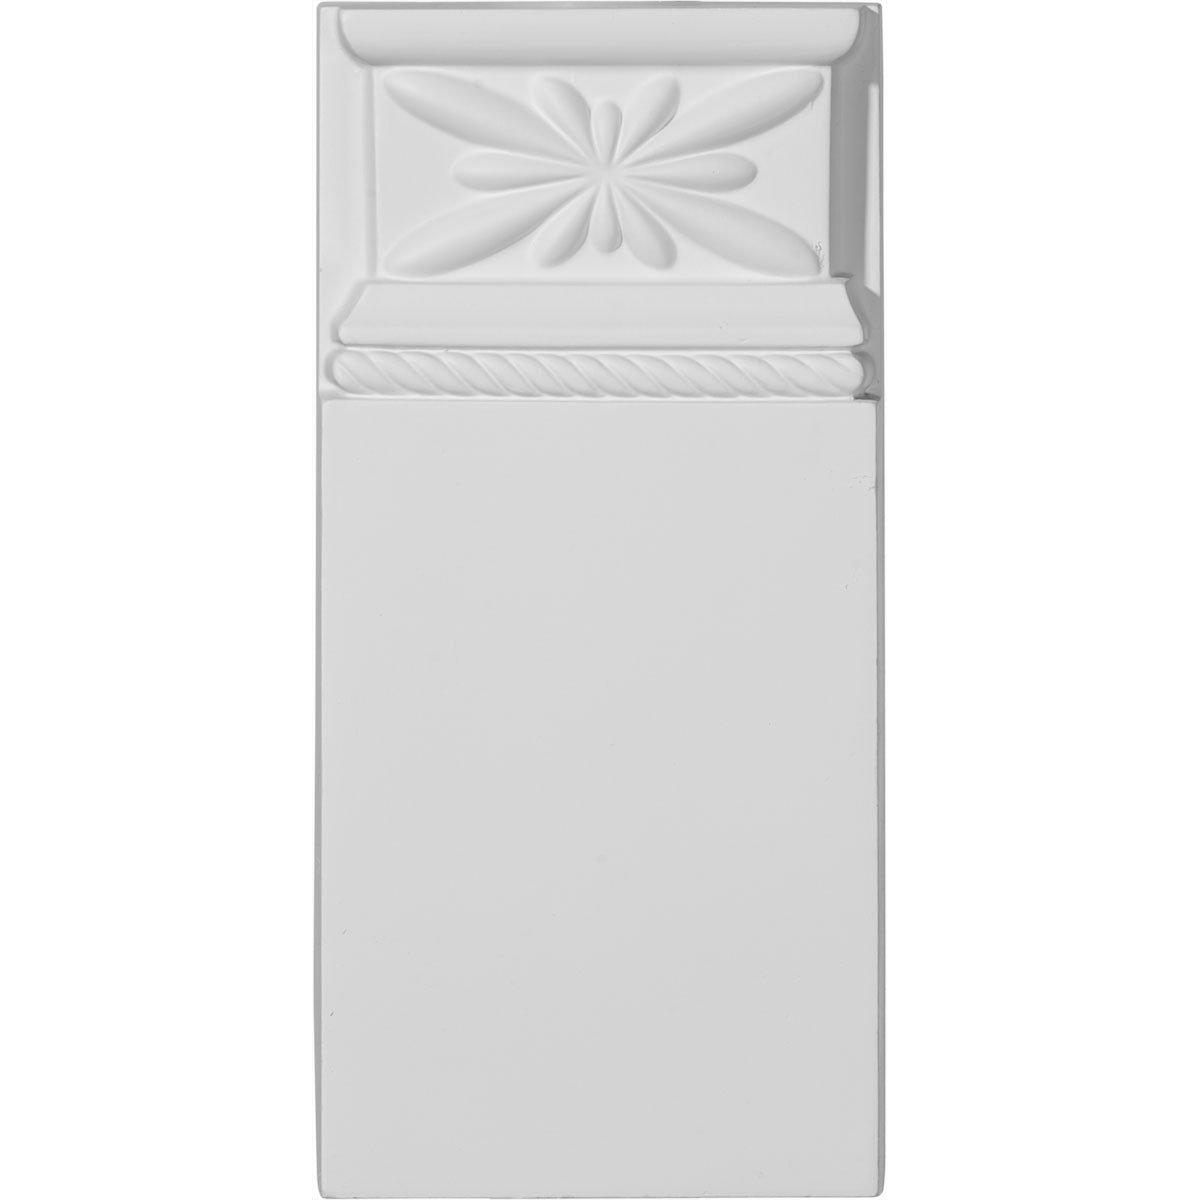 2-Pack Ekena Millwork PB04X09X01BR-CASE-2 4 3//8 W x 9 H x 1 1//8 P Bradford Plinth Block x 9 1//8 H x 1 1//8 P Primed White